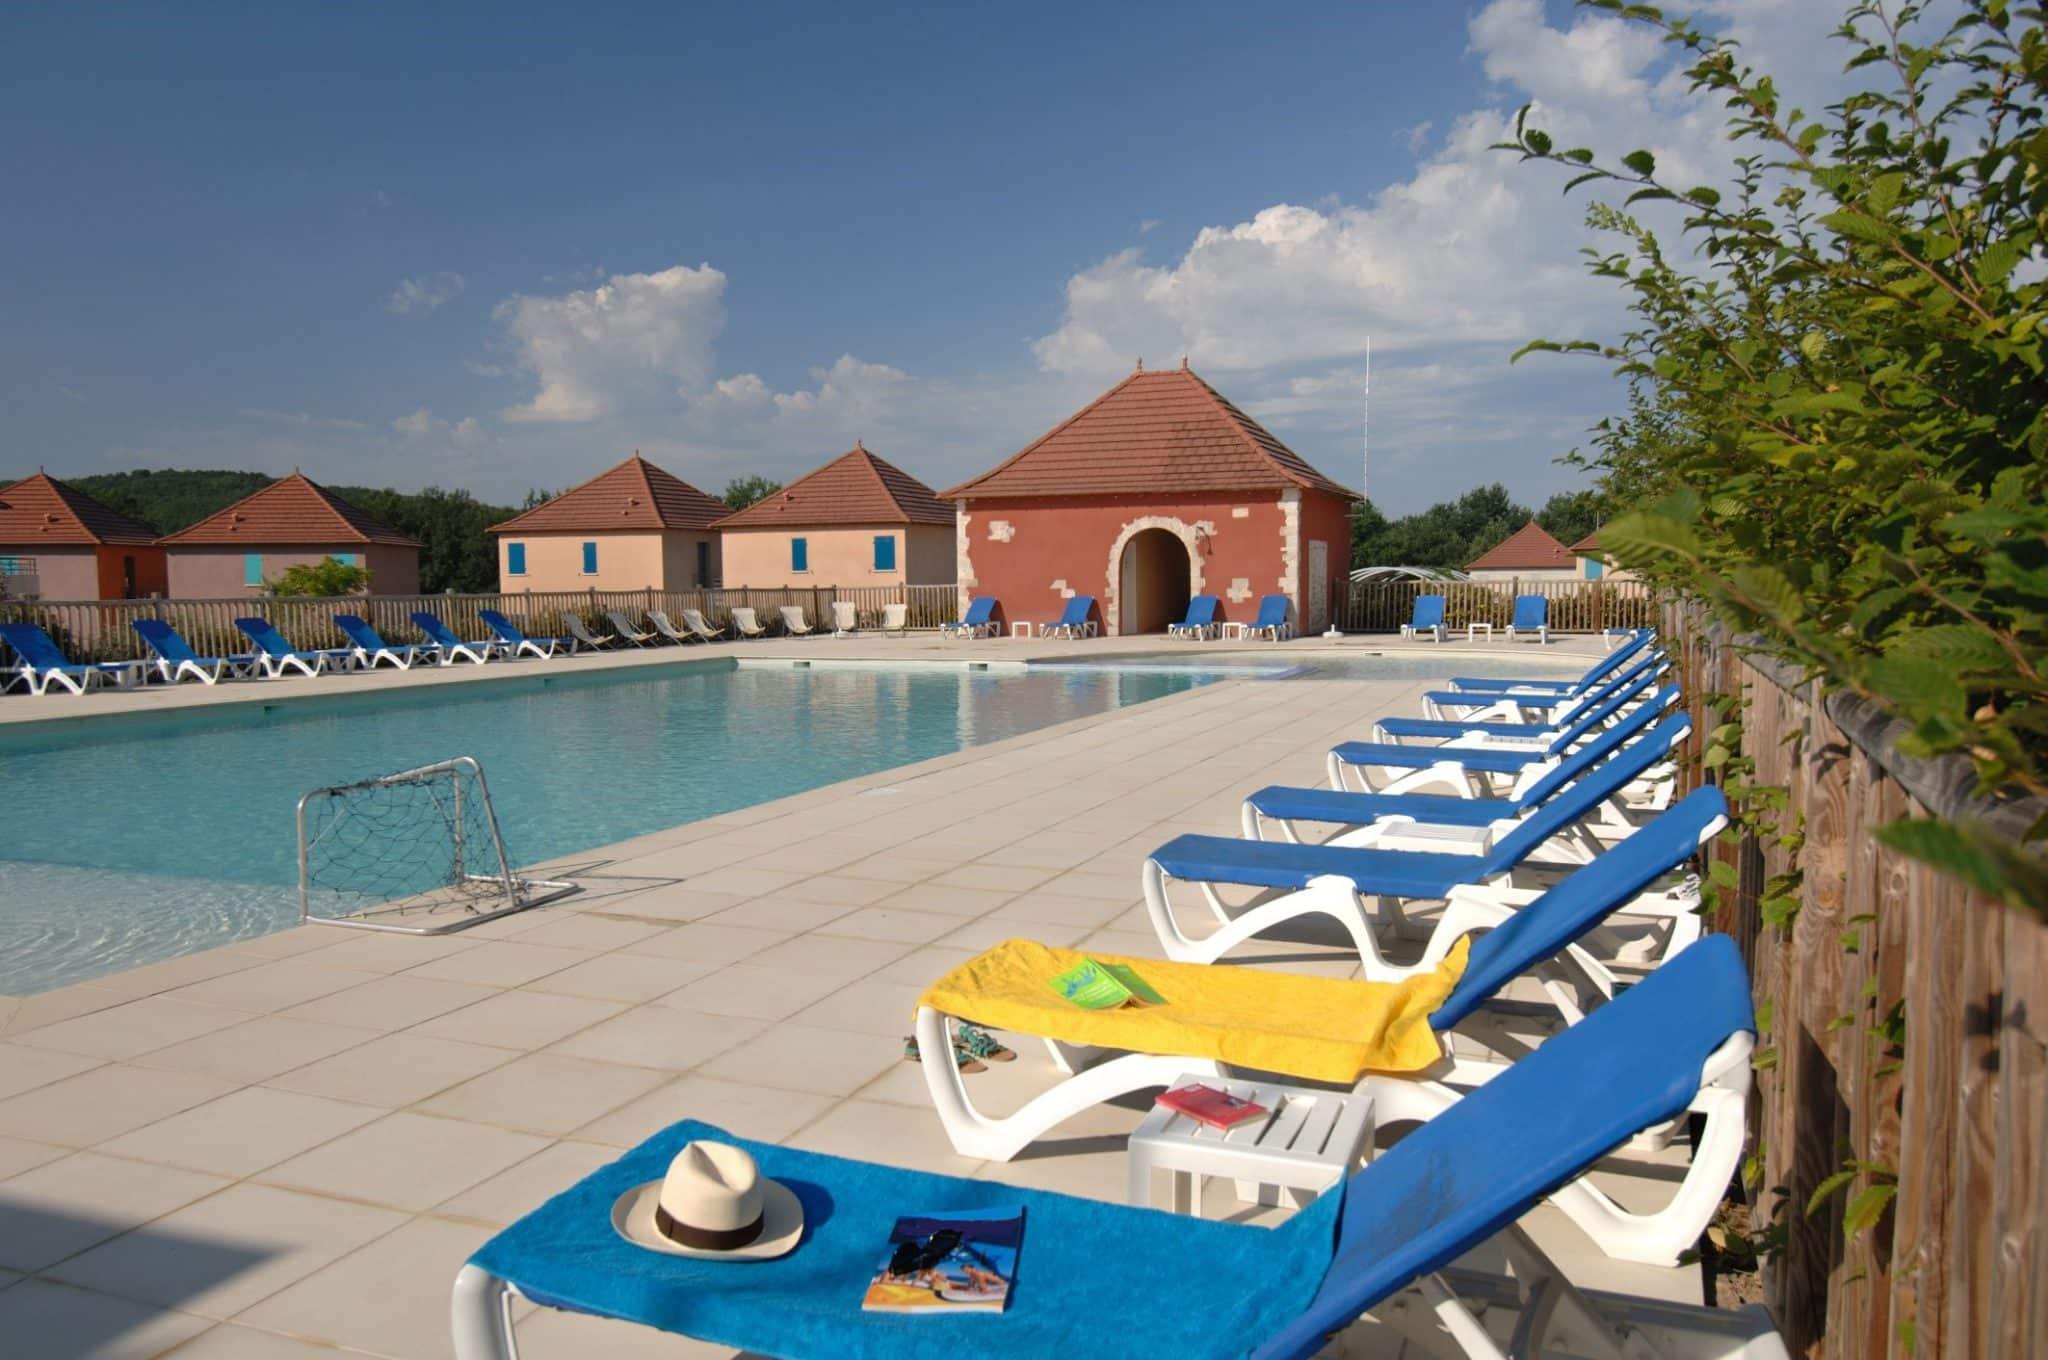 Domaine de Claire Rive - Appartement avec piscine et WIFI - LOT (46)